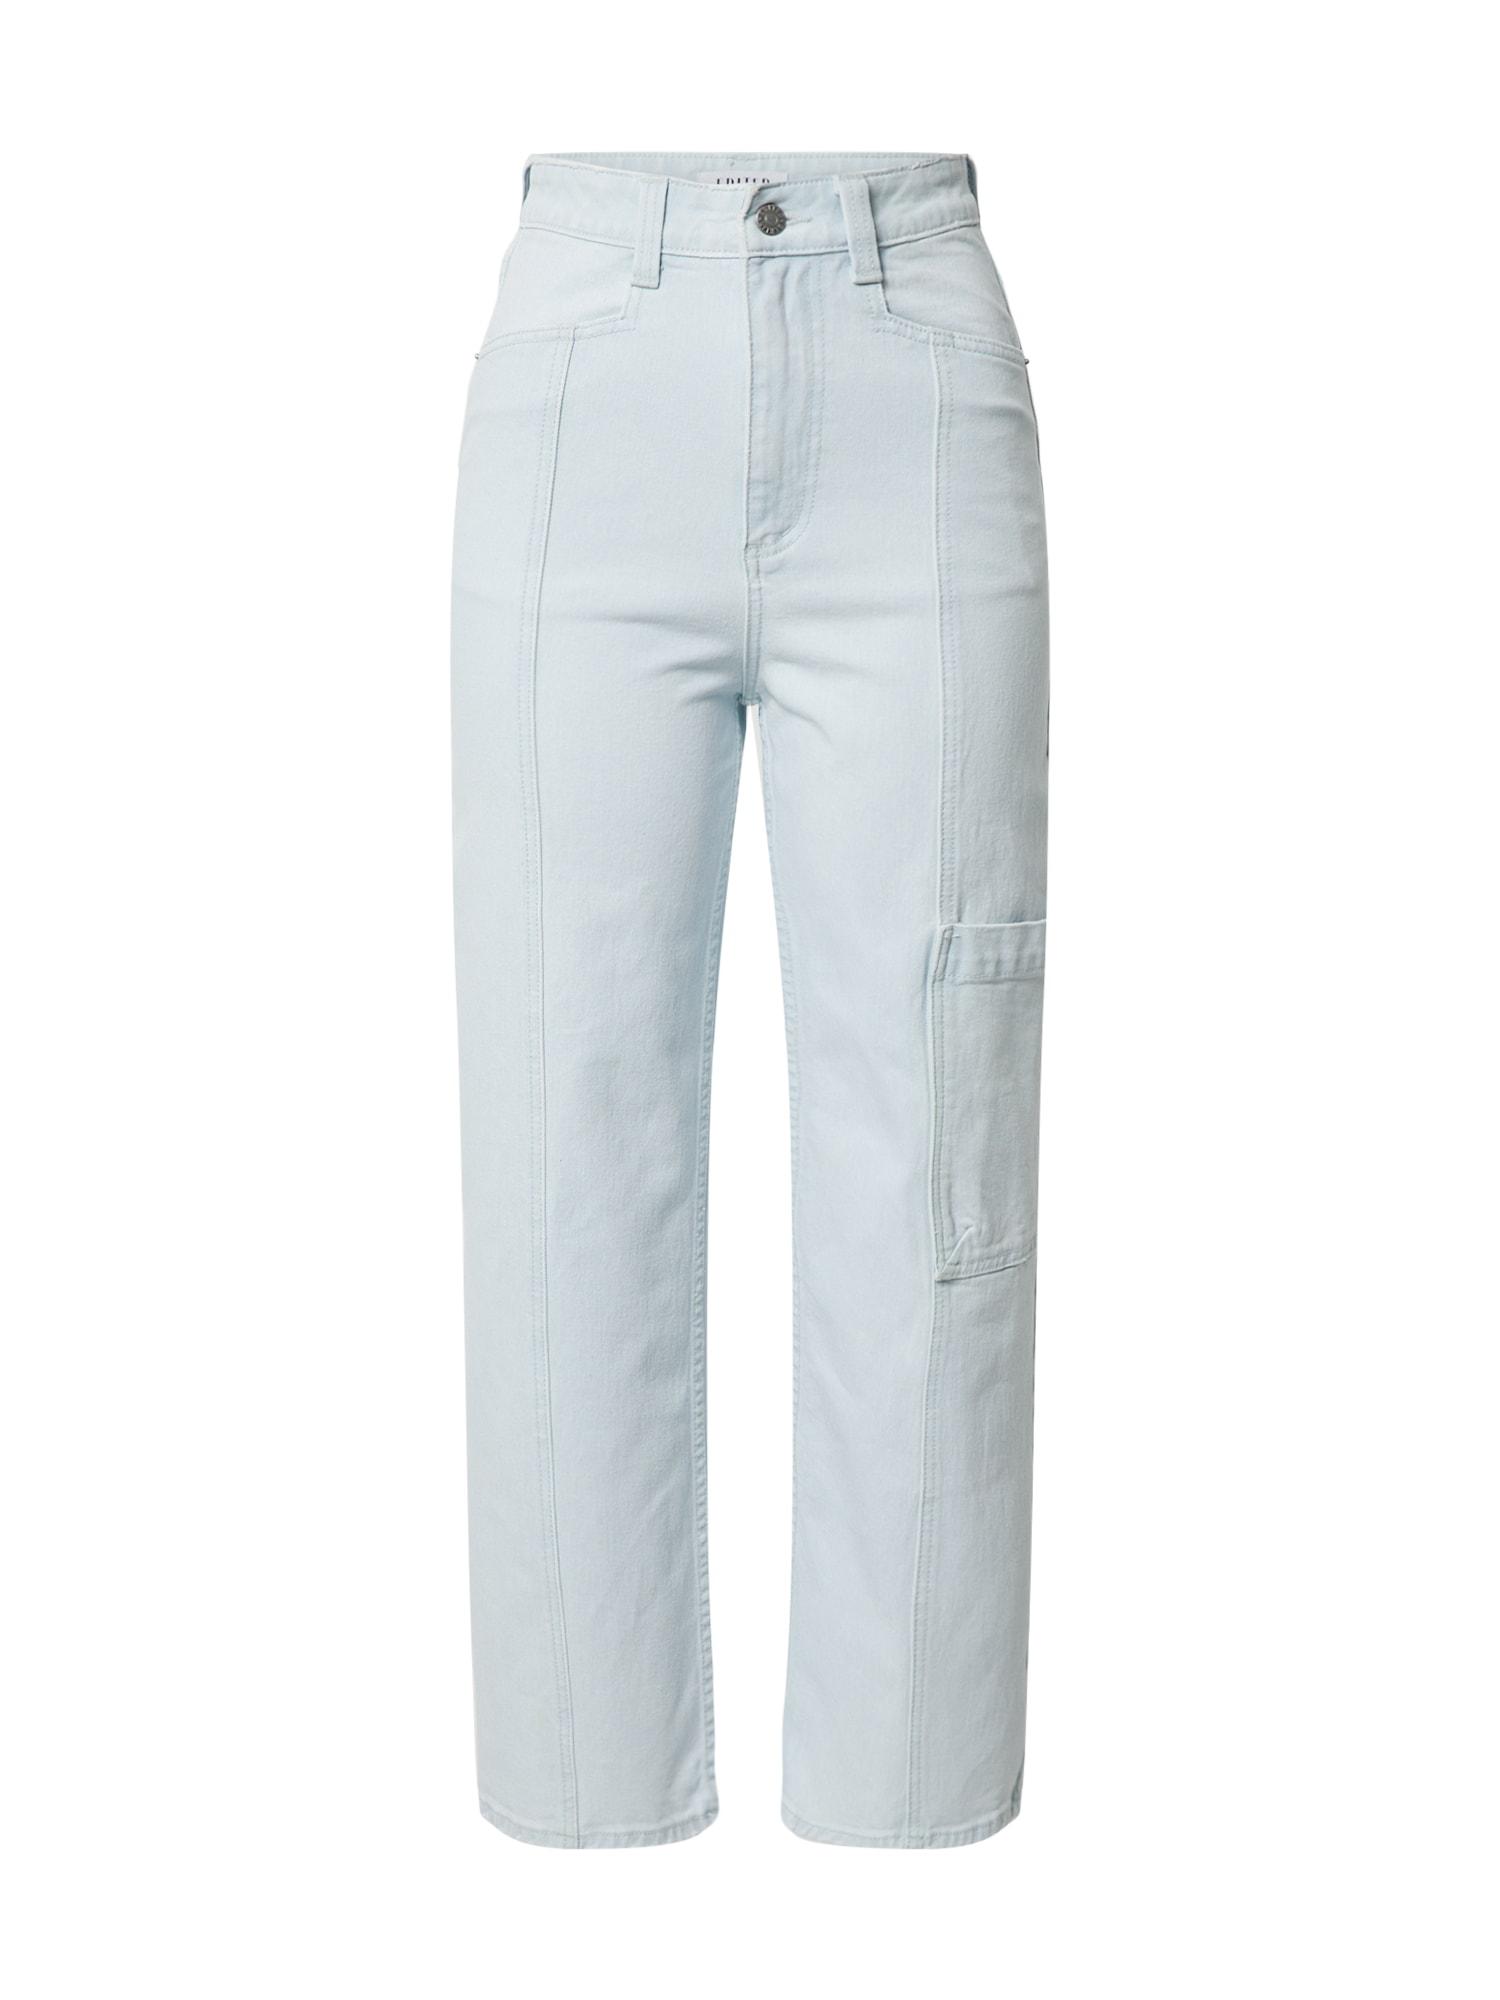 EDITED Darbinio stiliaus džinsai